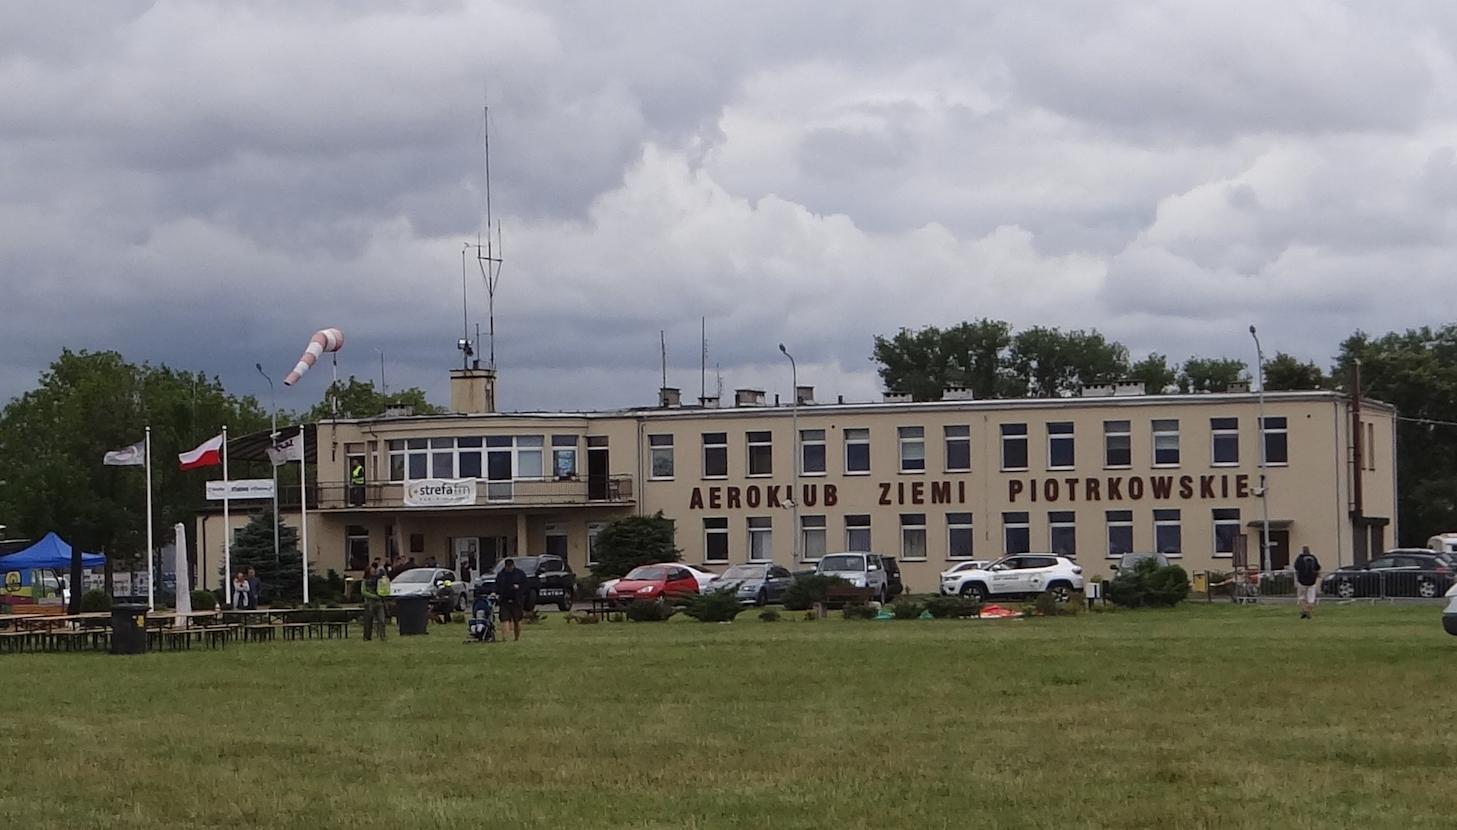 Lotnisko Piotrków Trybunalski. Port Lotniczy. 2018 rok. Zdjęcie Karol Placha Hetman